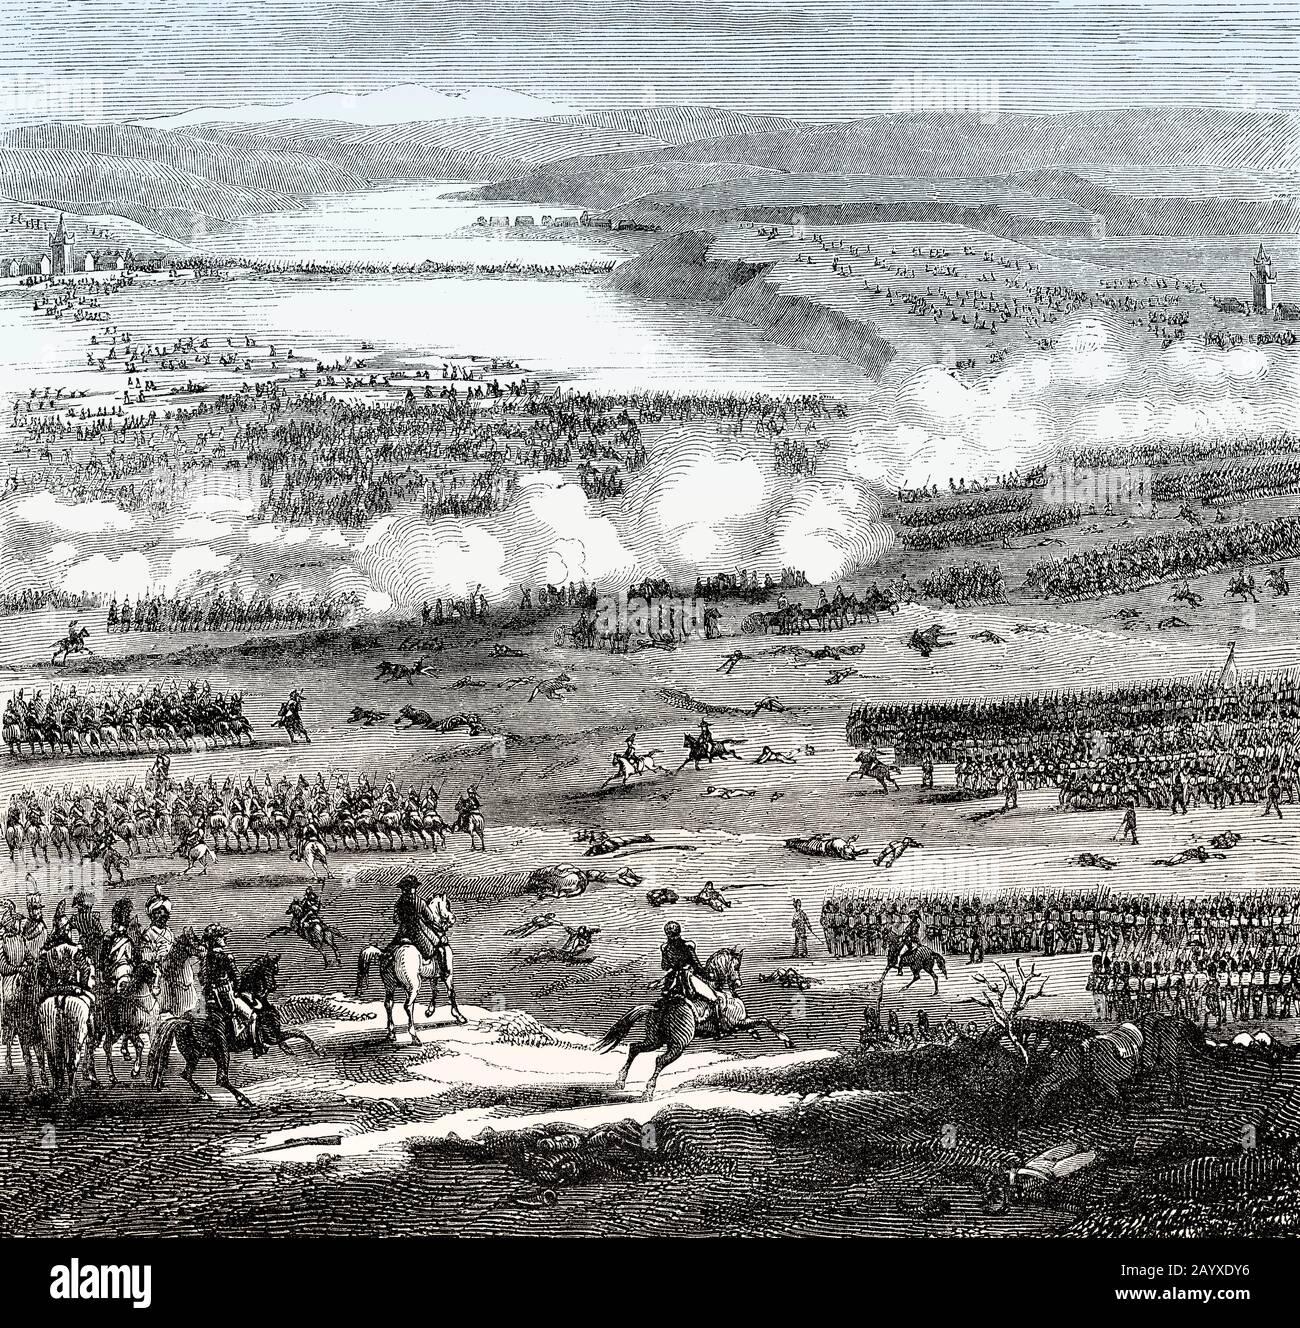 La Battaglia Di Austerlitz Il 2 Dicembre 1805, Guerre Napoleoniche Foto Stock